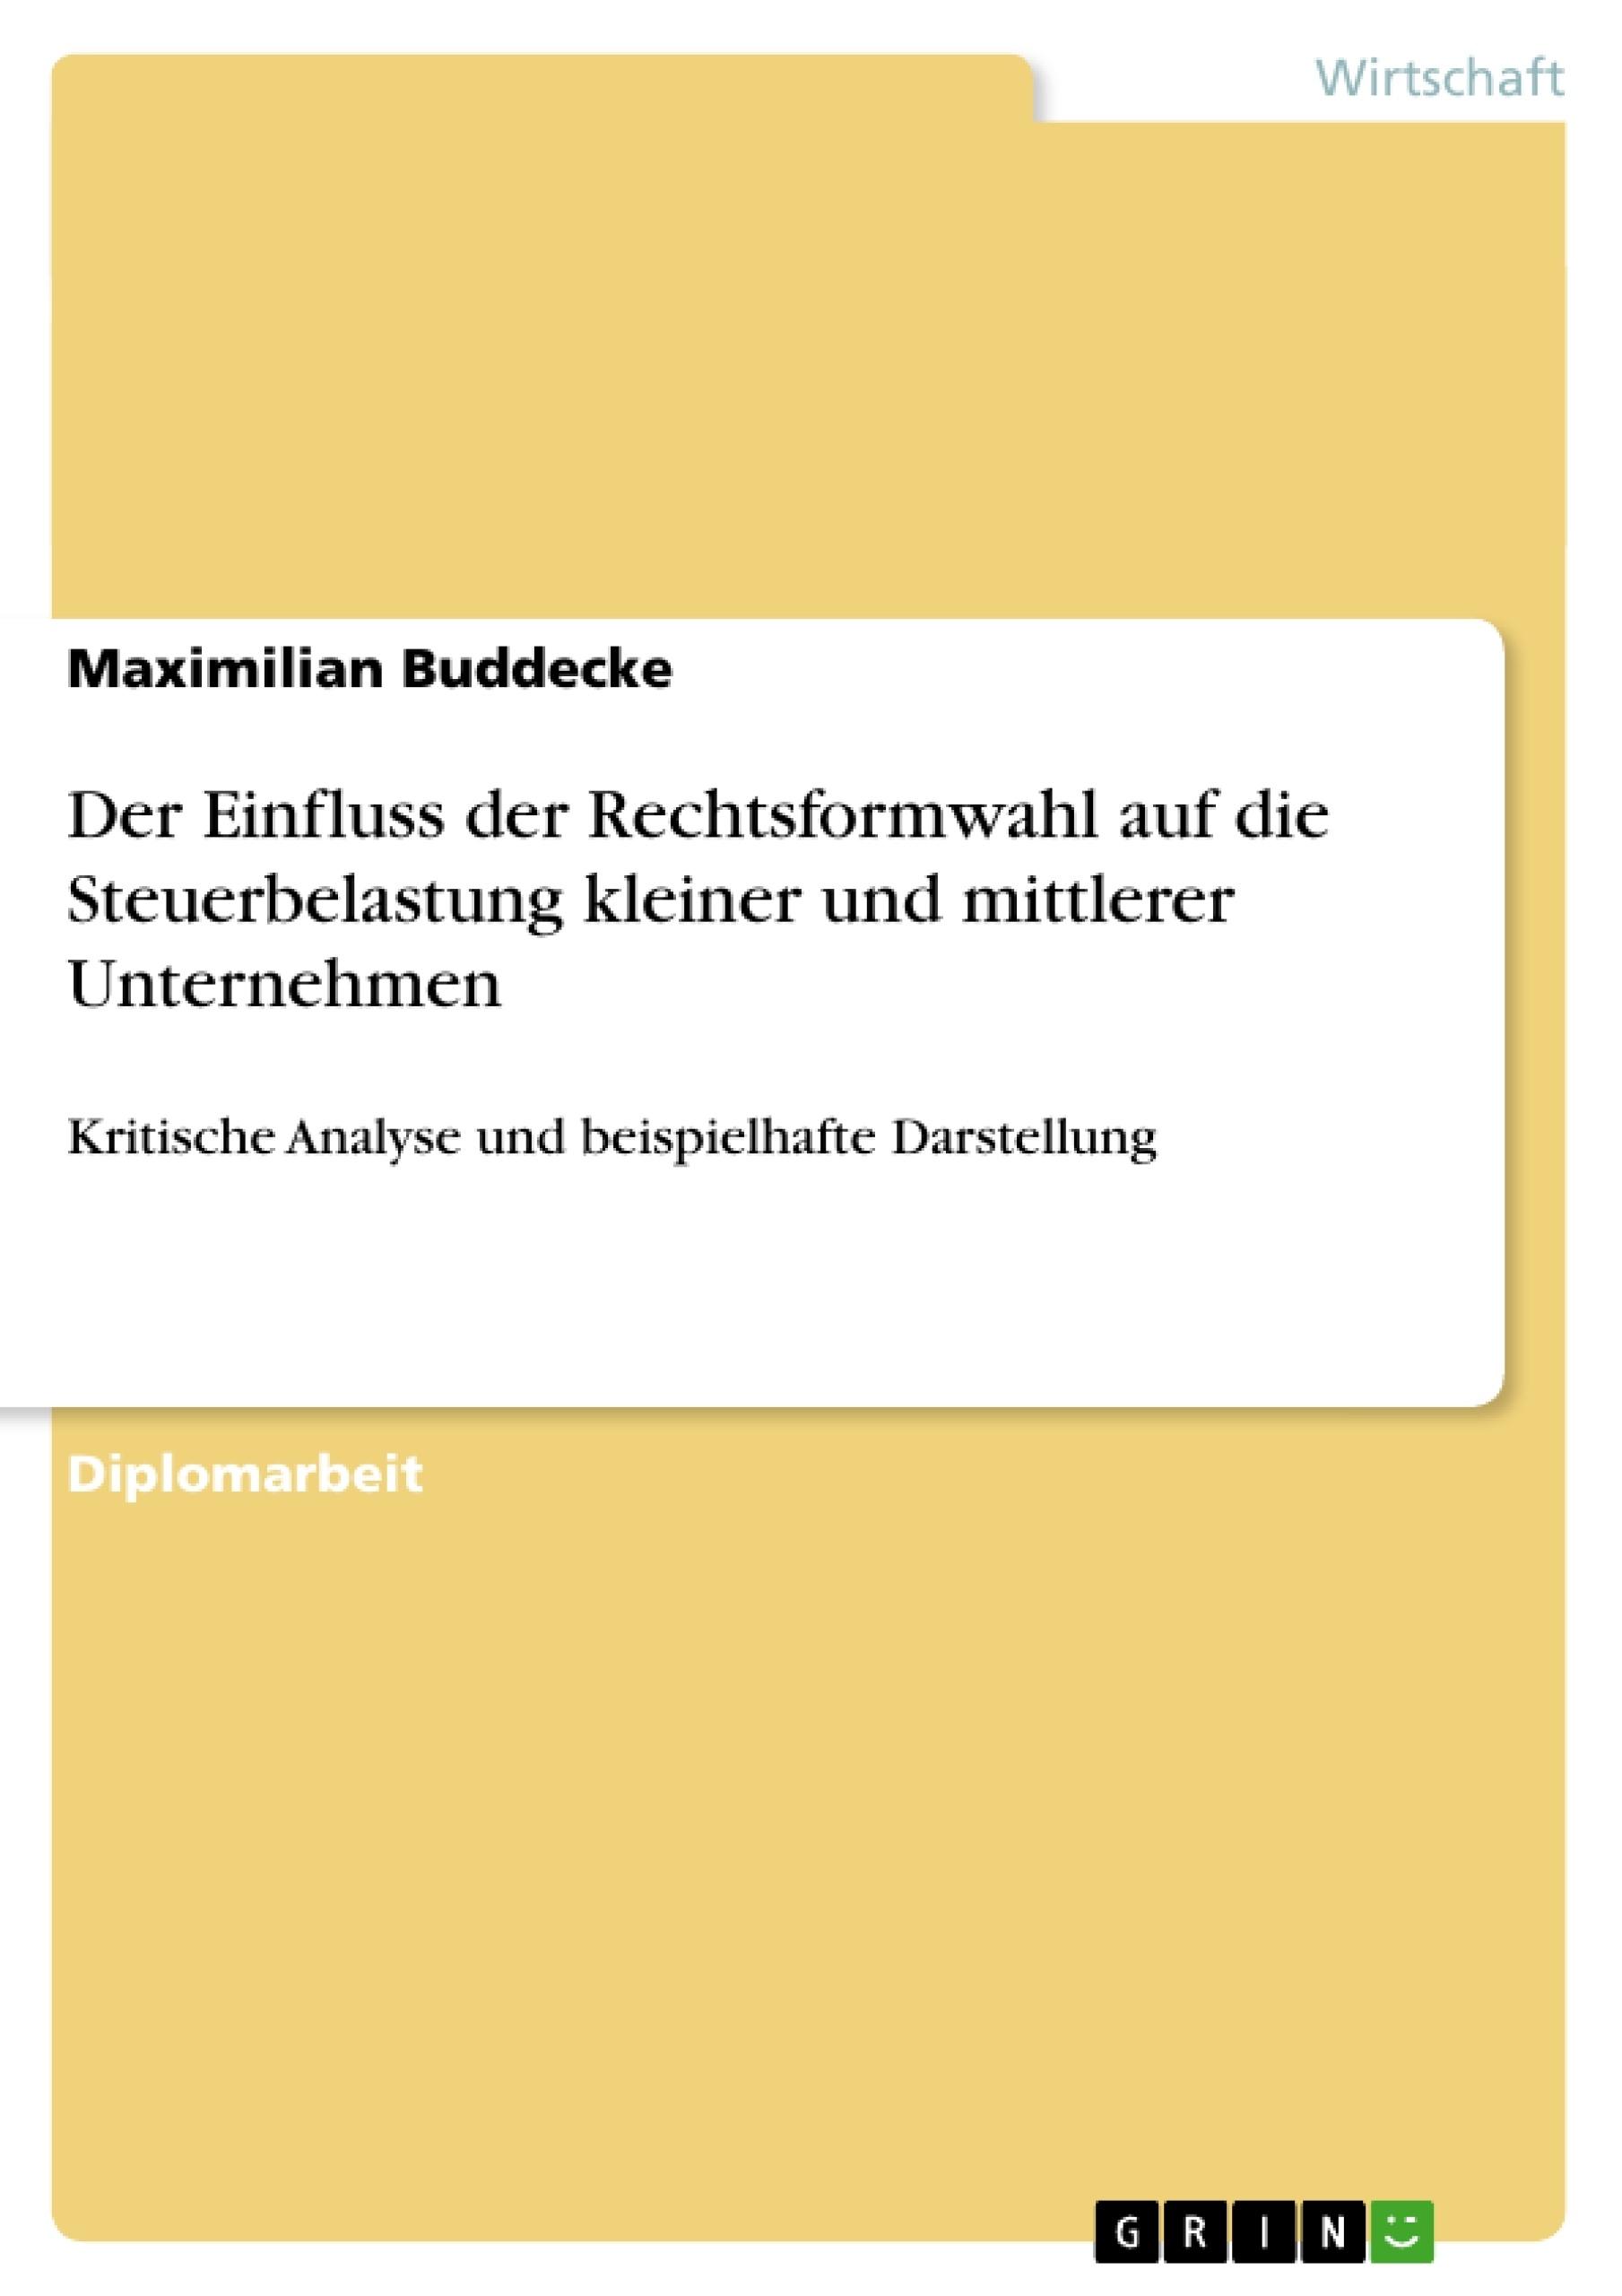 Titel: Der Einfluss der Rechtsformwahl auf die Steuerbelastung kleiner und mittlerer Unternehmen